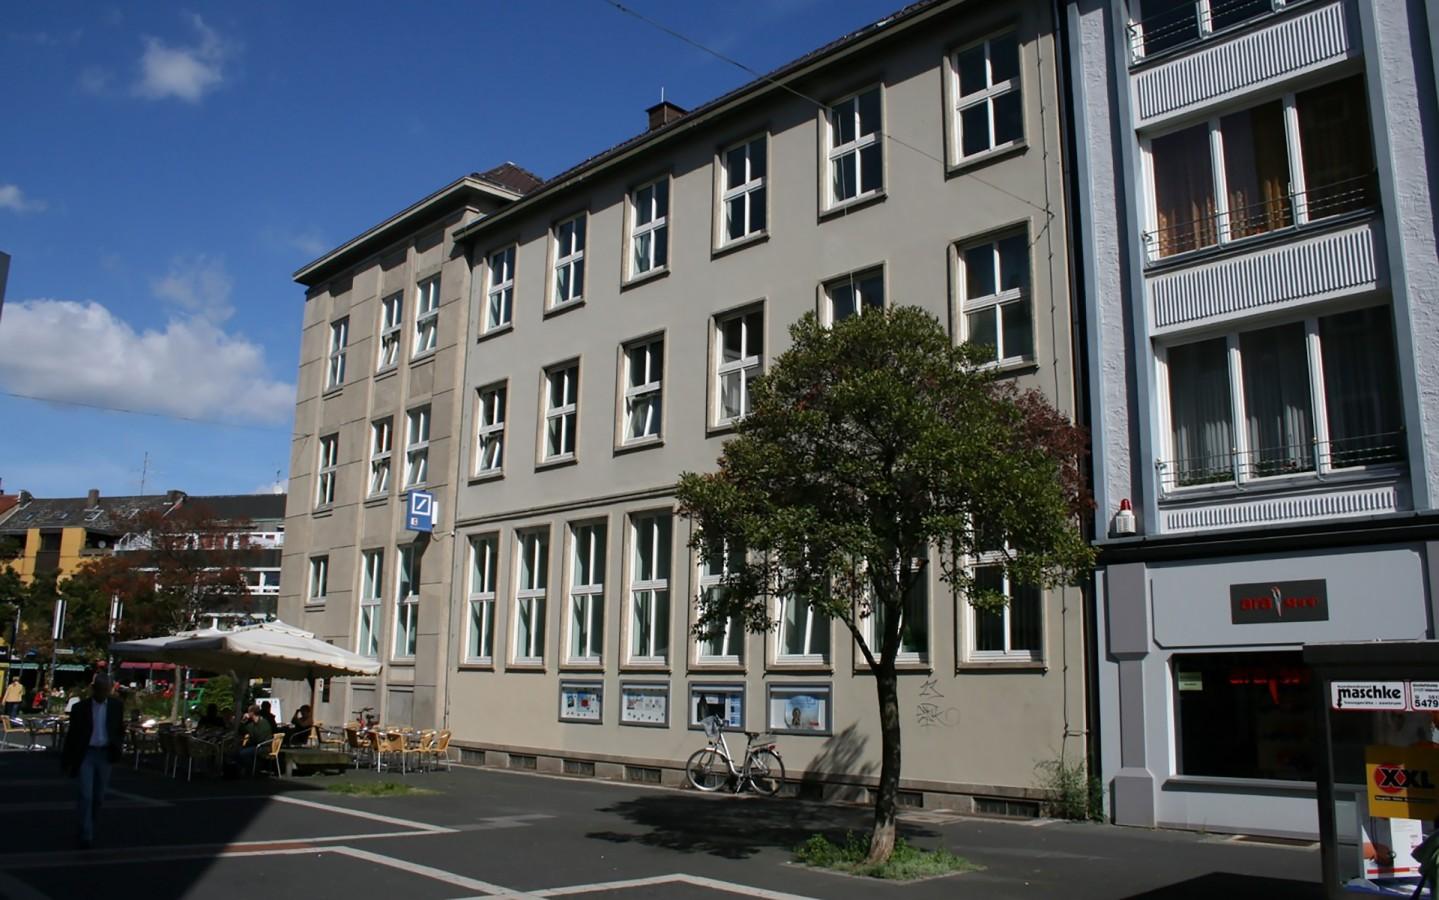 Büro am Angoulemeplatz